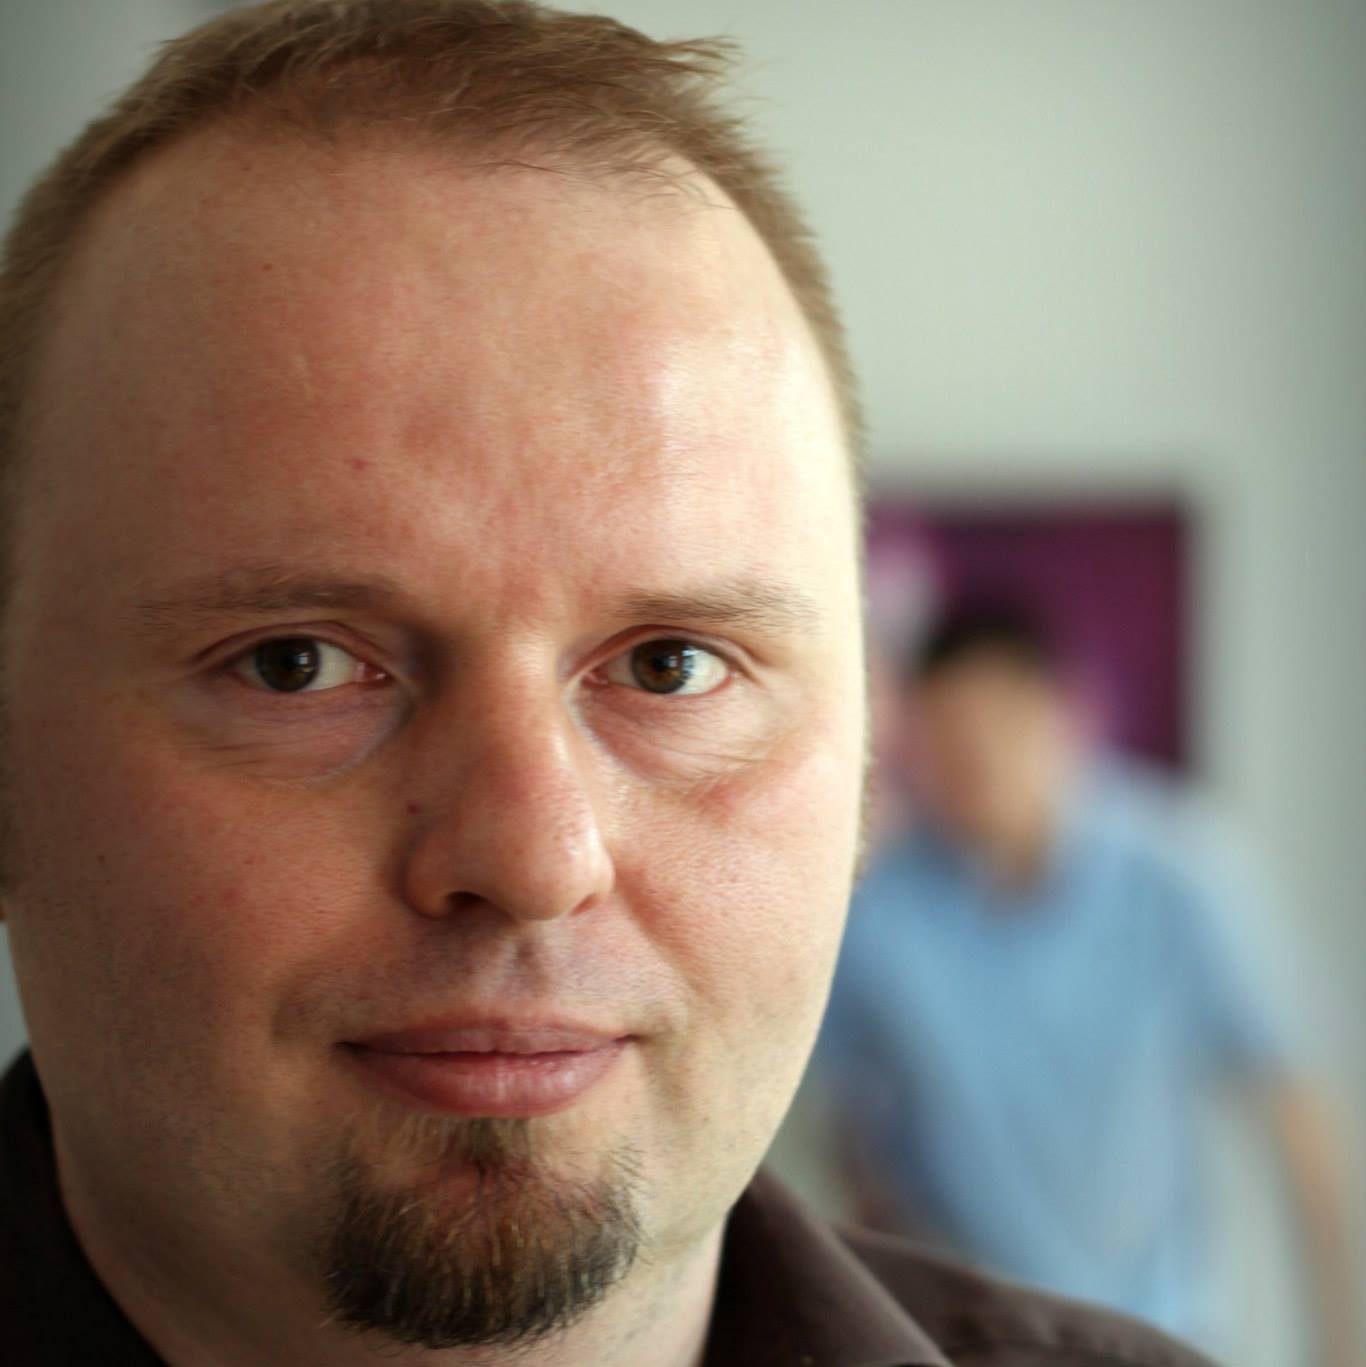 Artur Ciemięga